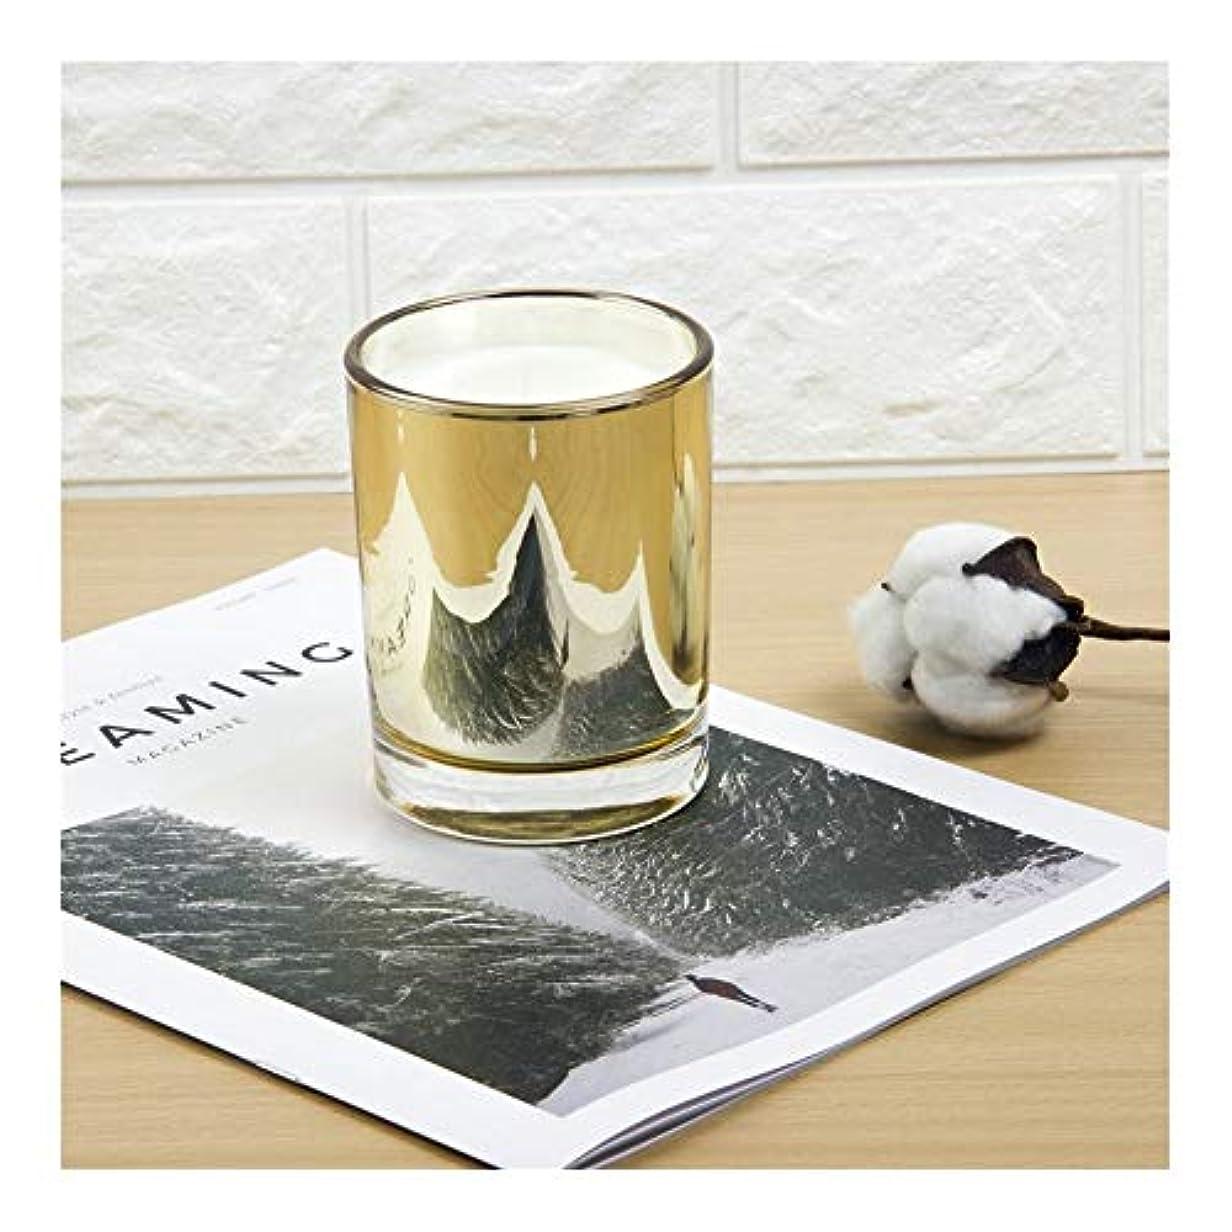 エスカレート意図普通のACAO ゴールドカップキャンドル大豆アロマセラピーパーティーキャンドル誕生日プレゼント植物キャンドル